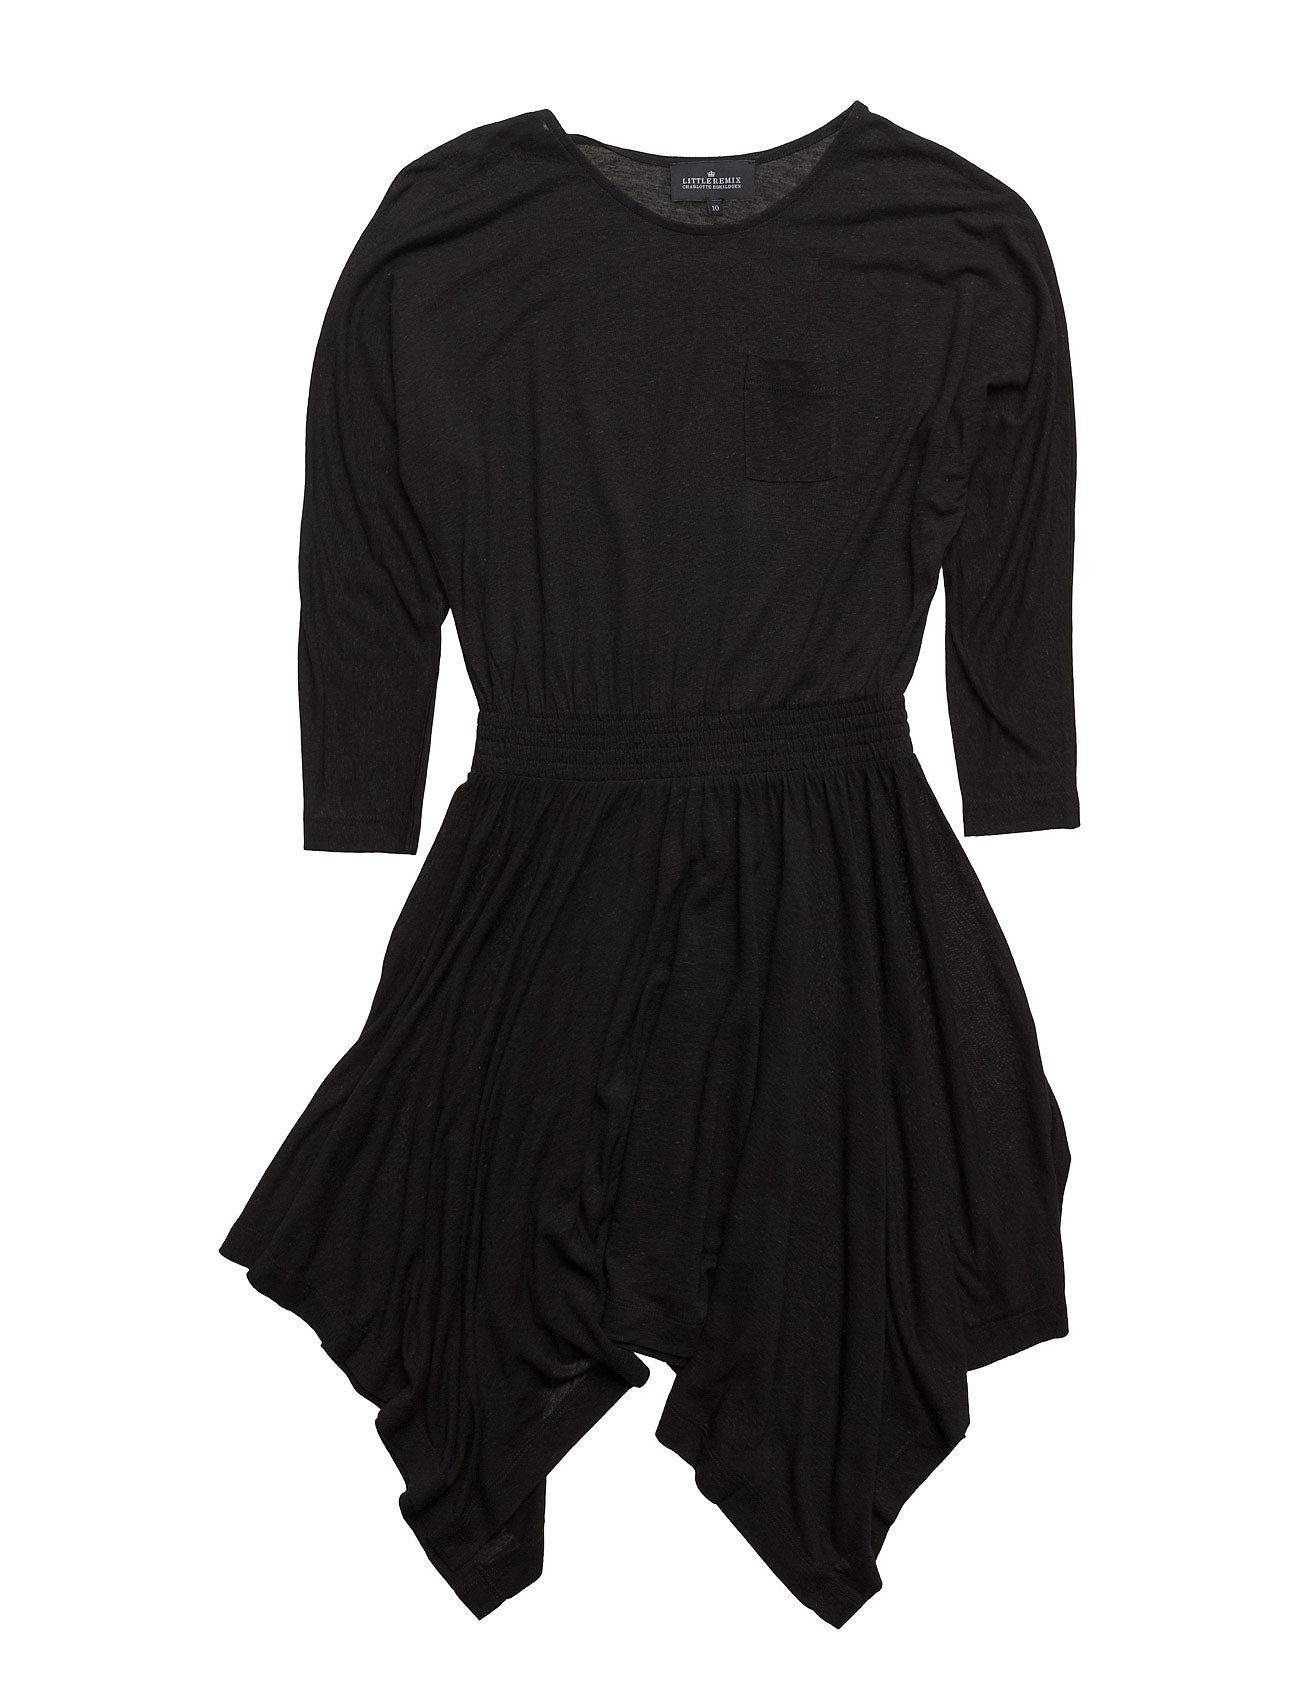 Jr New Blos Dress Little Remix Kjoler til Børn i Sort